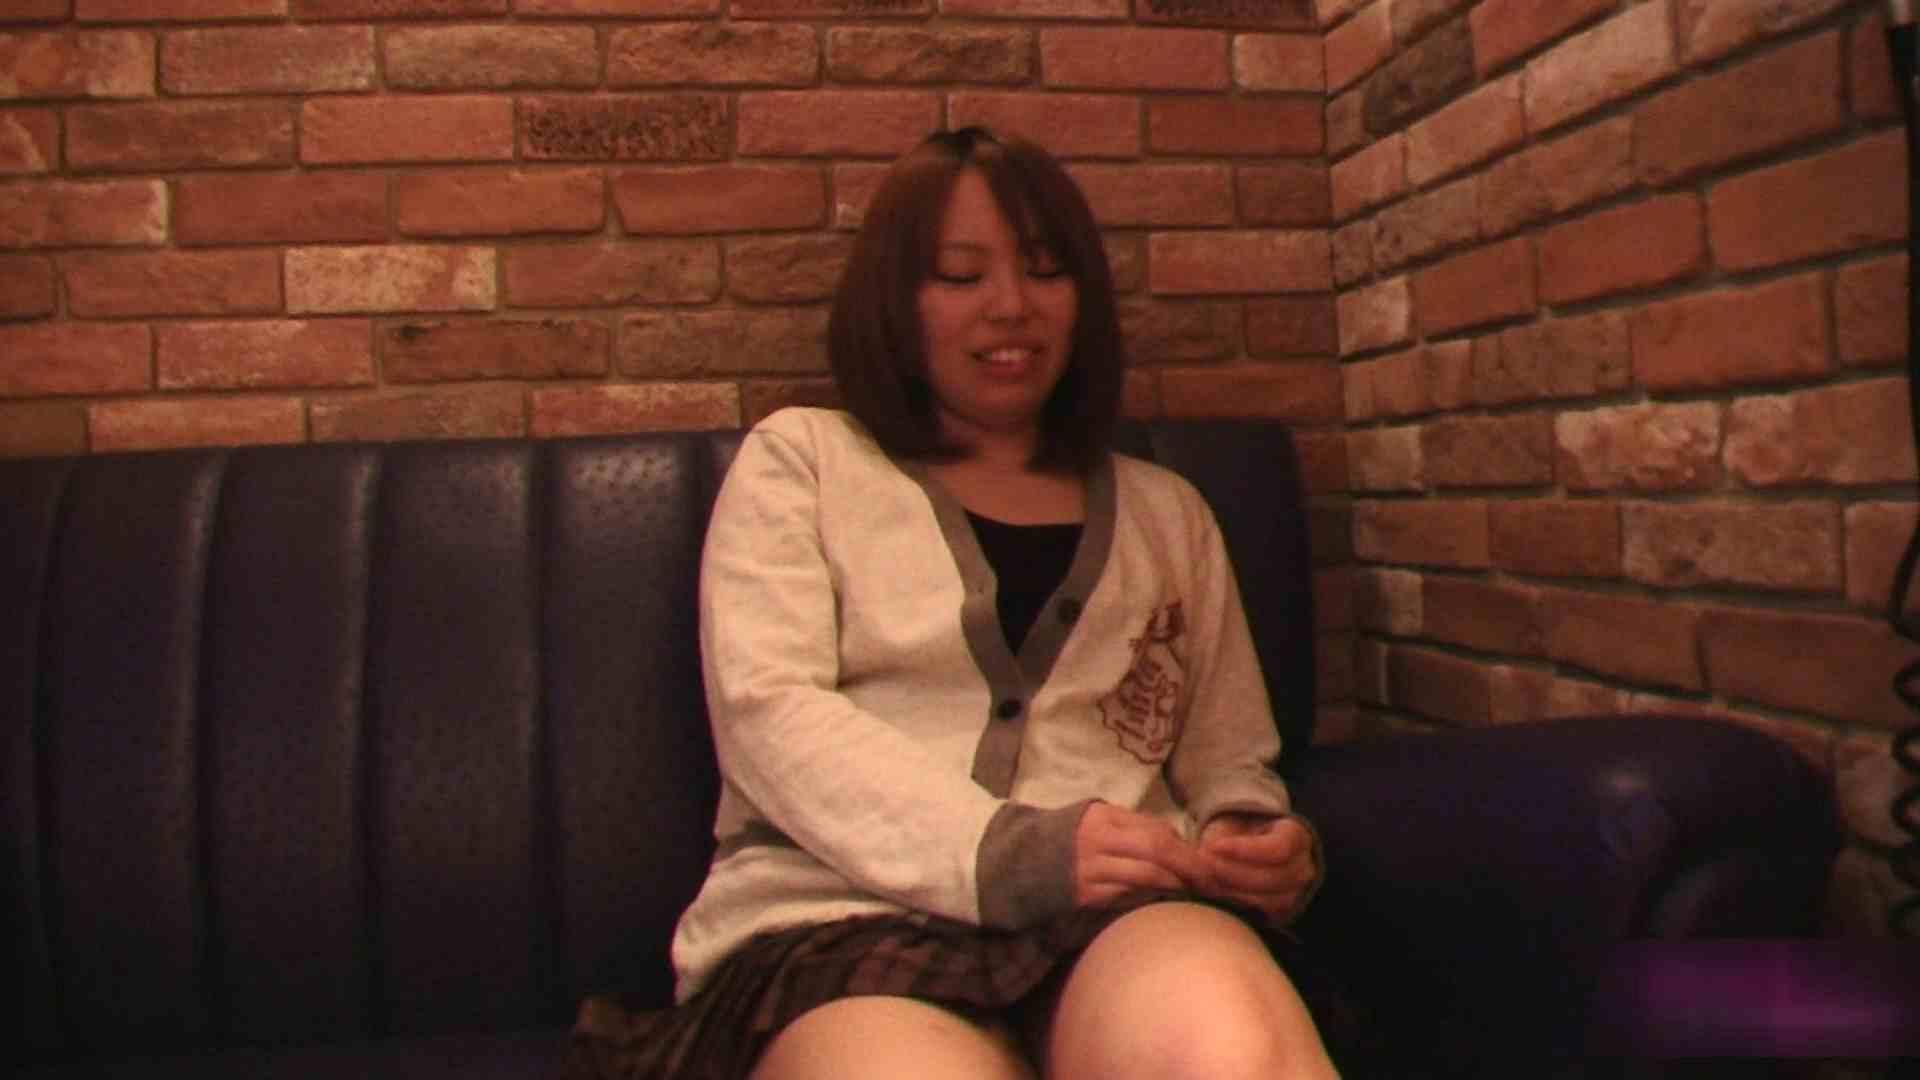 変態ギャル姫のH Vol.13 前編 おっぱい娘 のぞき動画画像 91連発 27